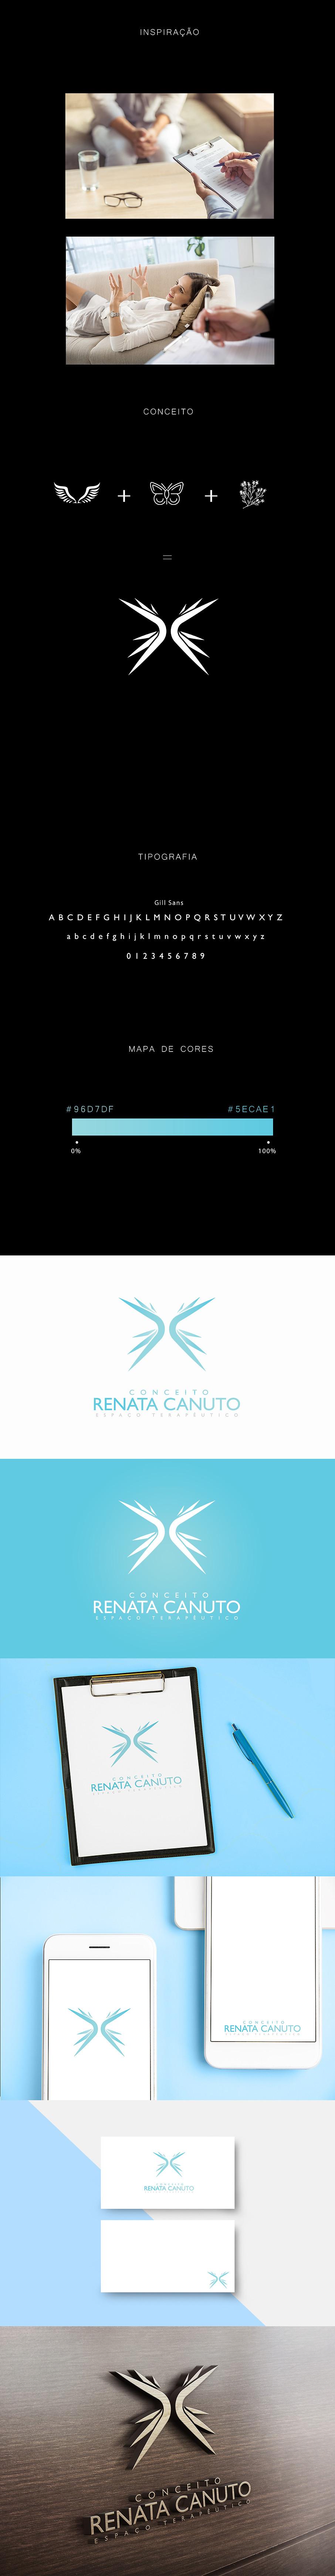 Renata_Canuto_apresentação.jpg